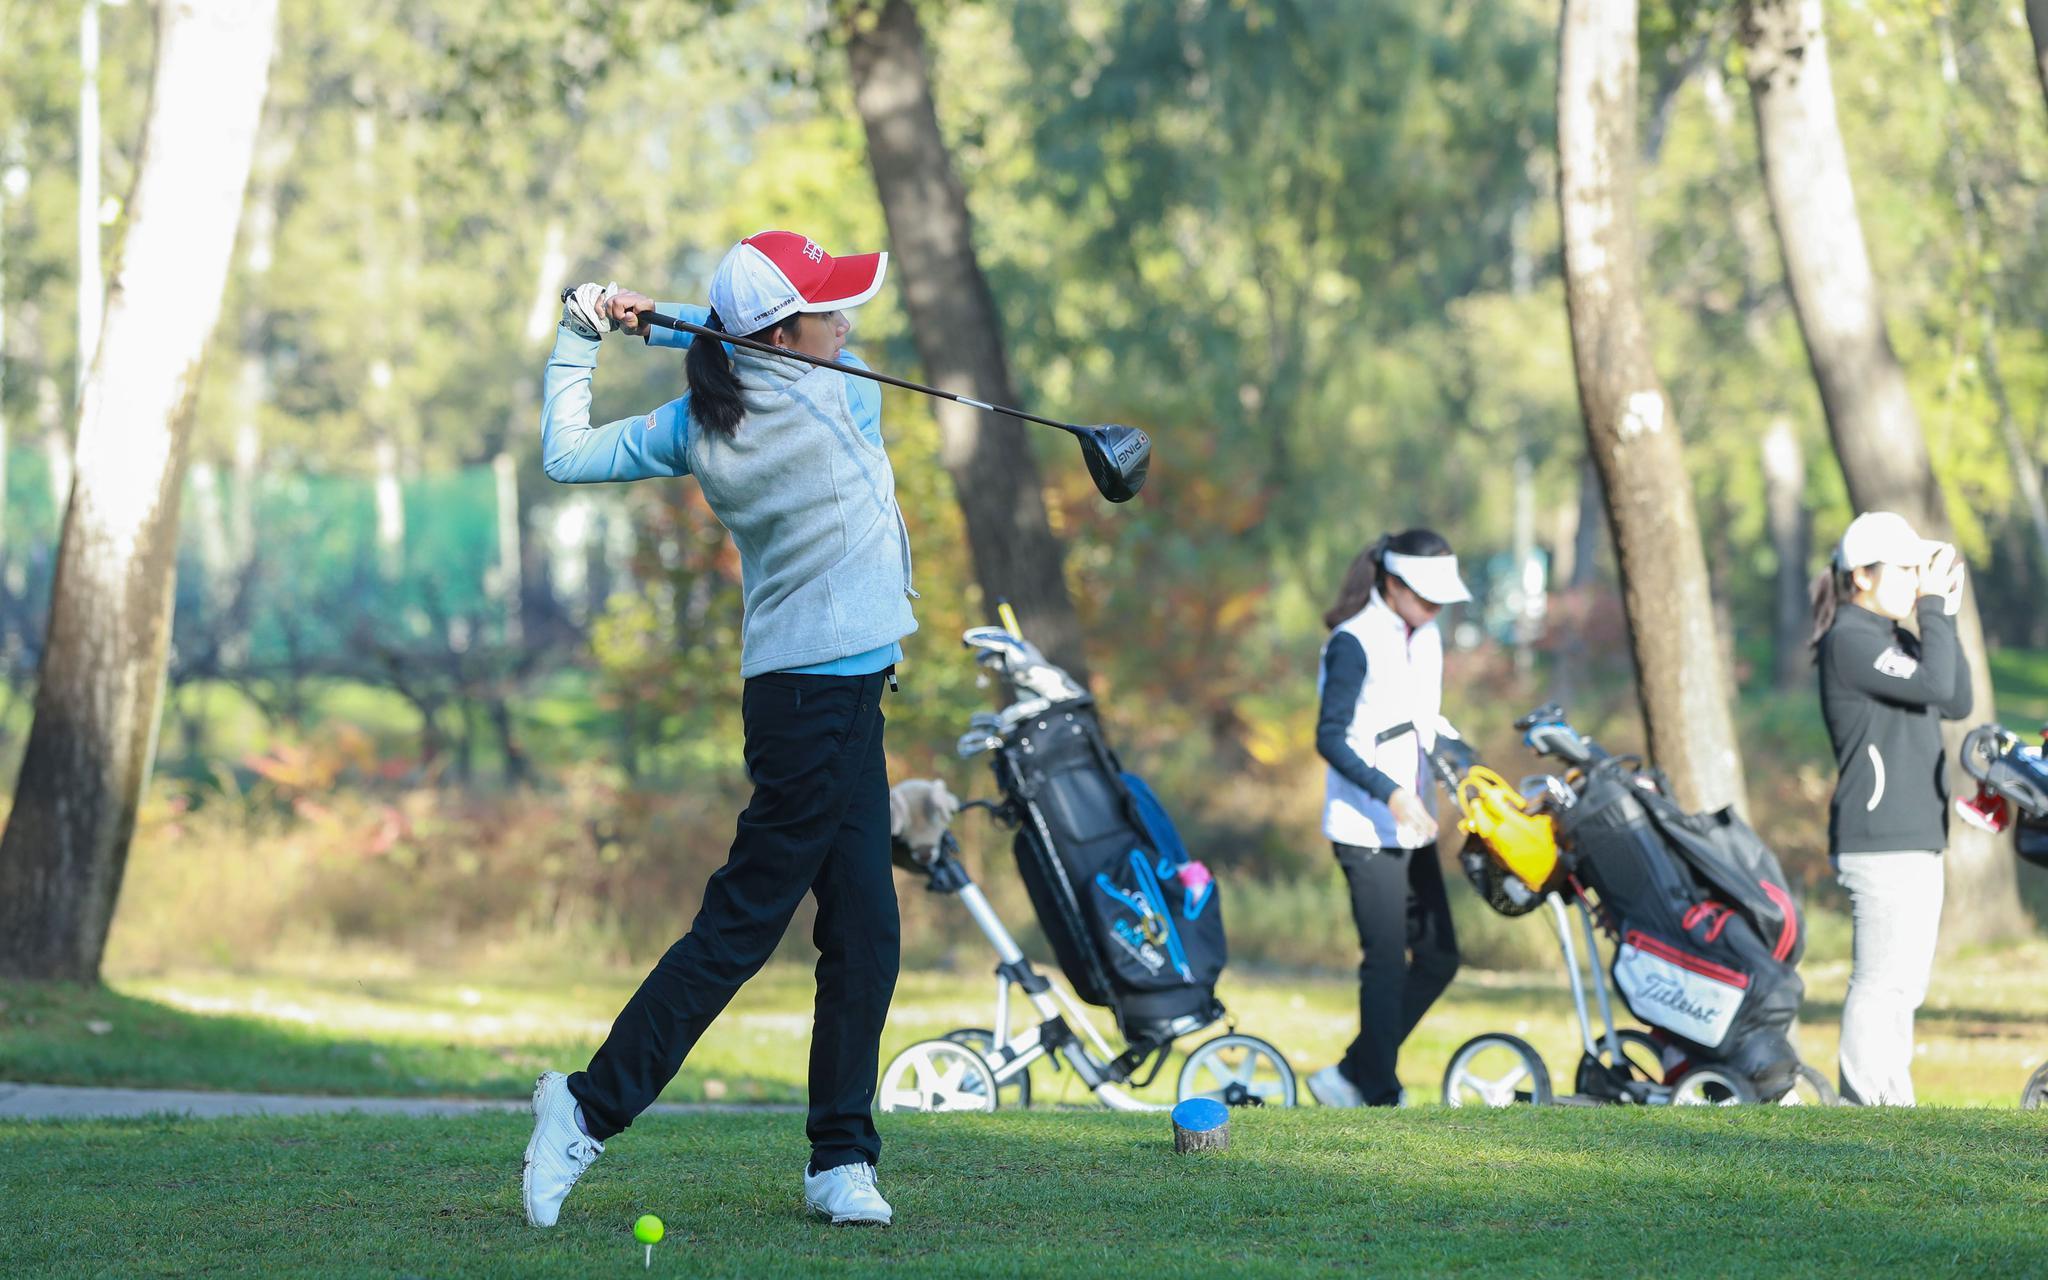 市青少年高尔夫锦标赛开球,运动员完赛后直接离场图片